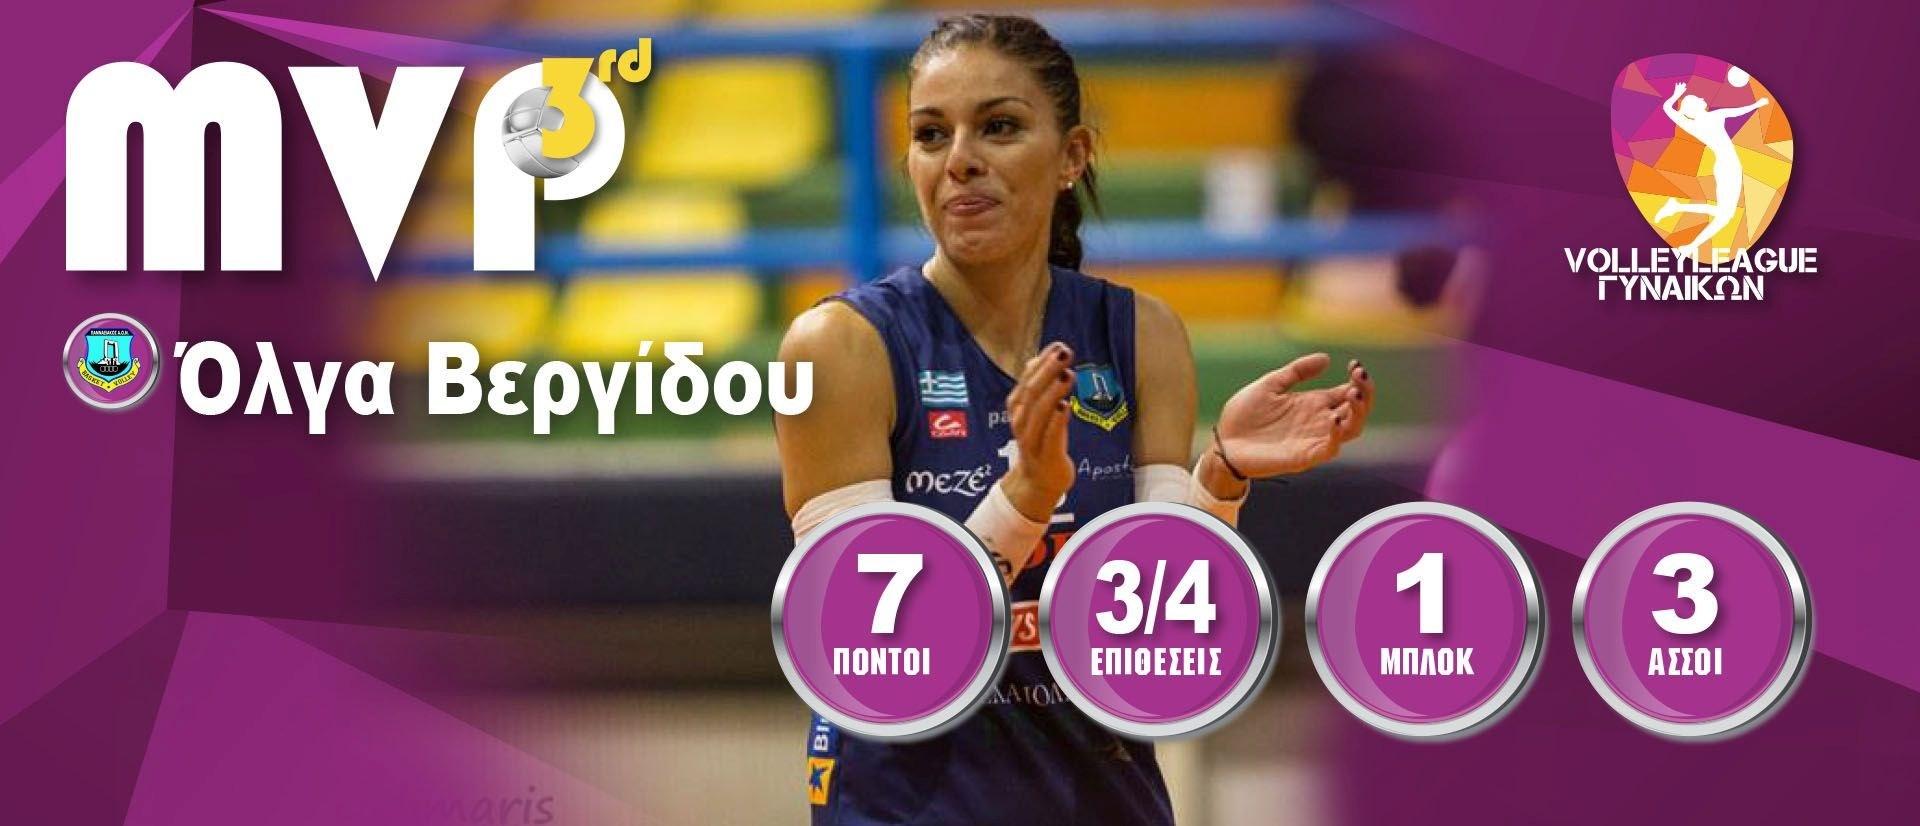 Α1 Γυναικών βόλεϊ: MVP η Βεργίδου - Sportime.GR